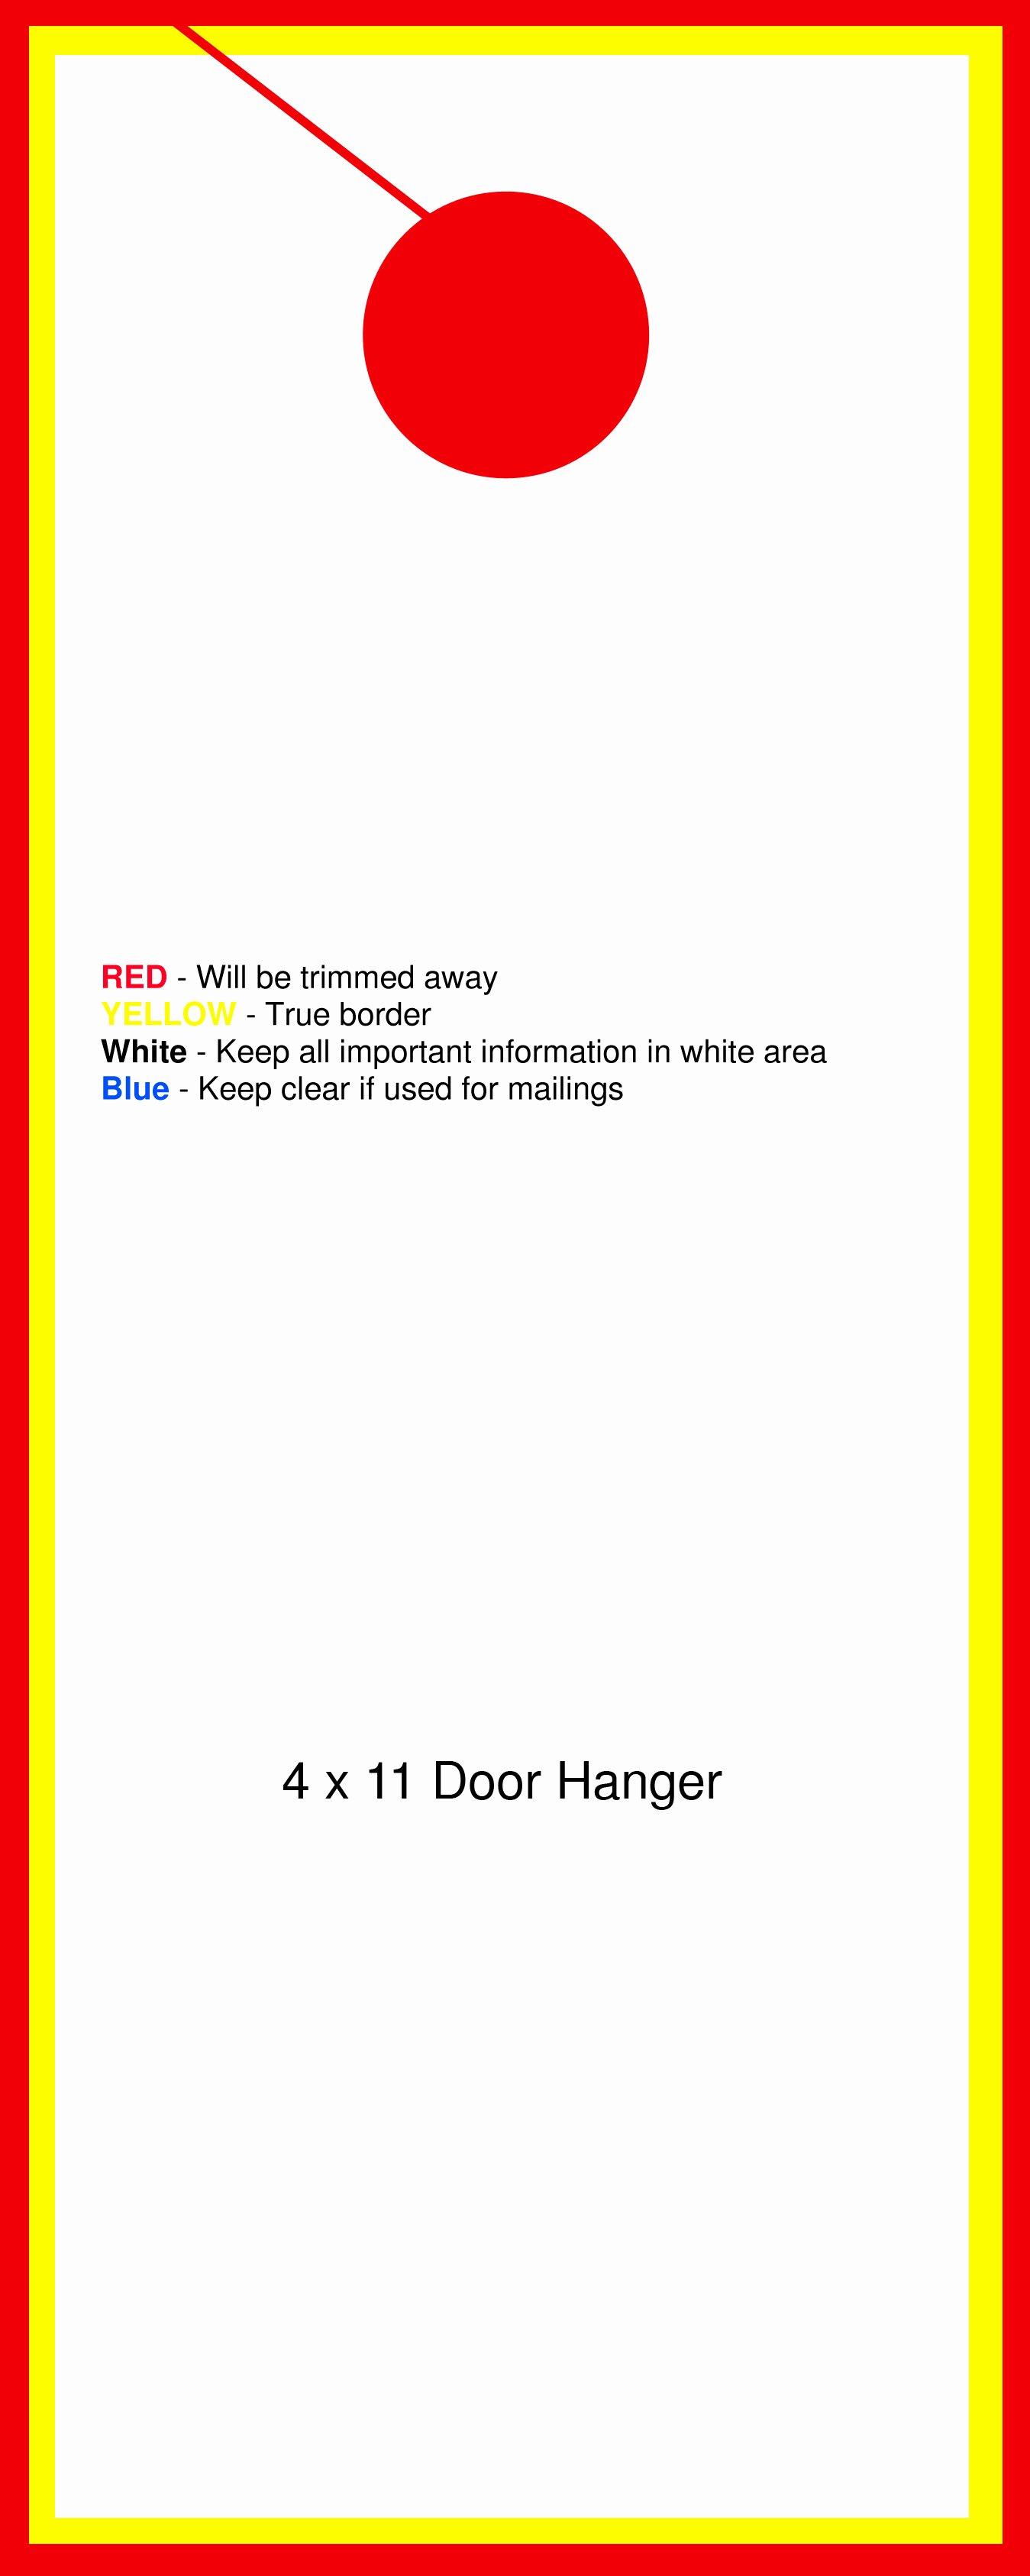 Template for Door Hanger Inspirational Door Templates & Door Hanger Pattern Use the Printable